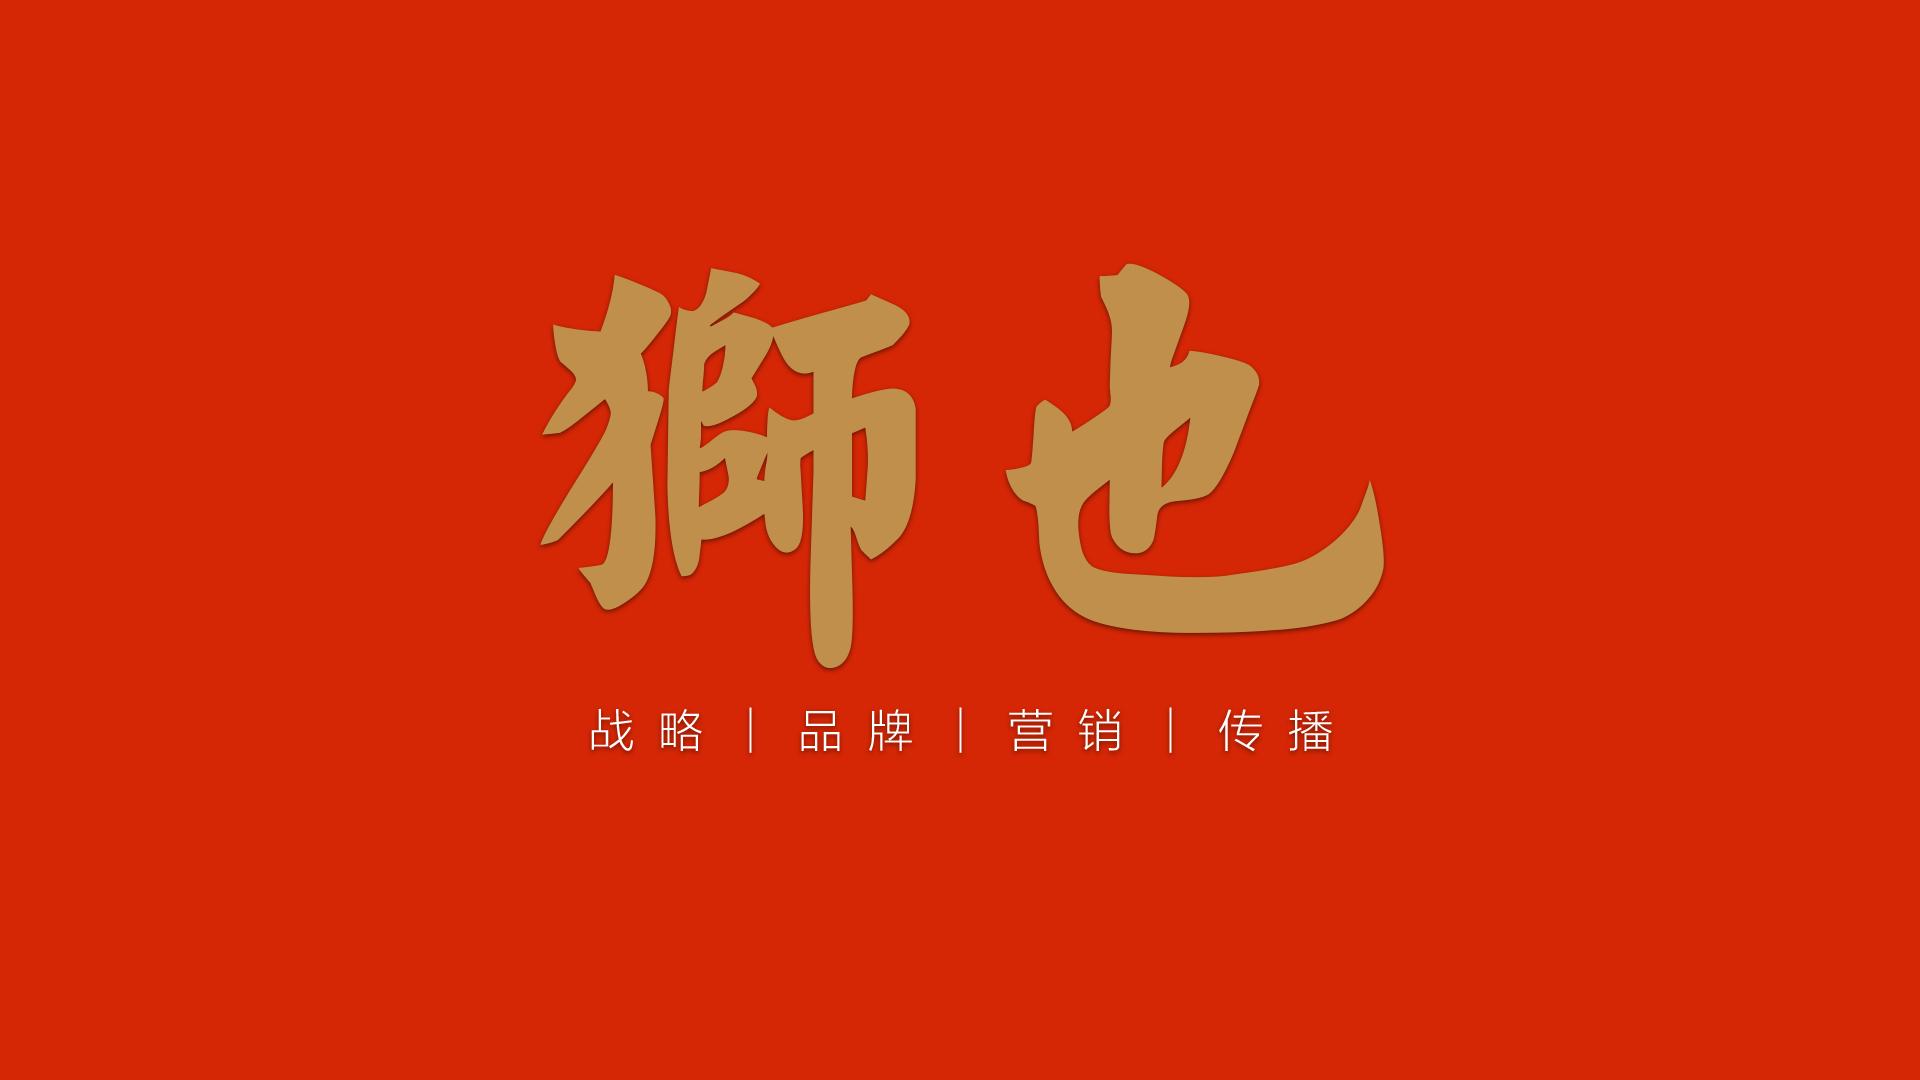 """马斯克每周工作120小时在中国引共鸣:""""996""""太辛苦"""